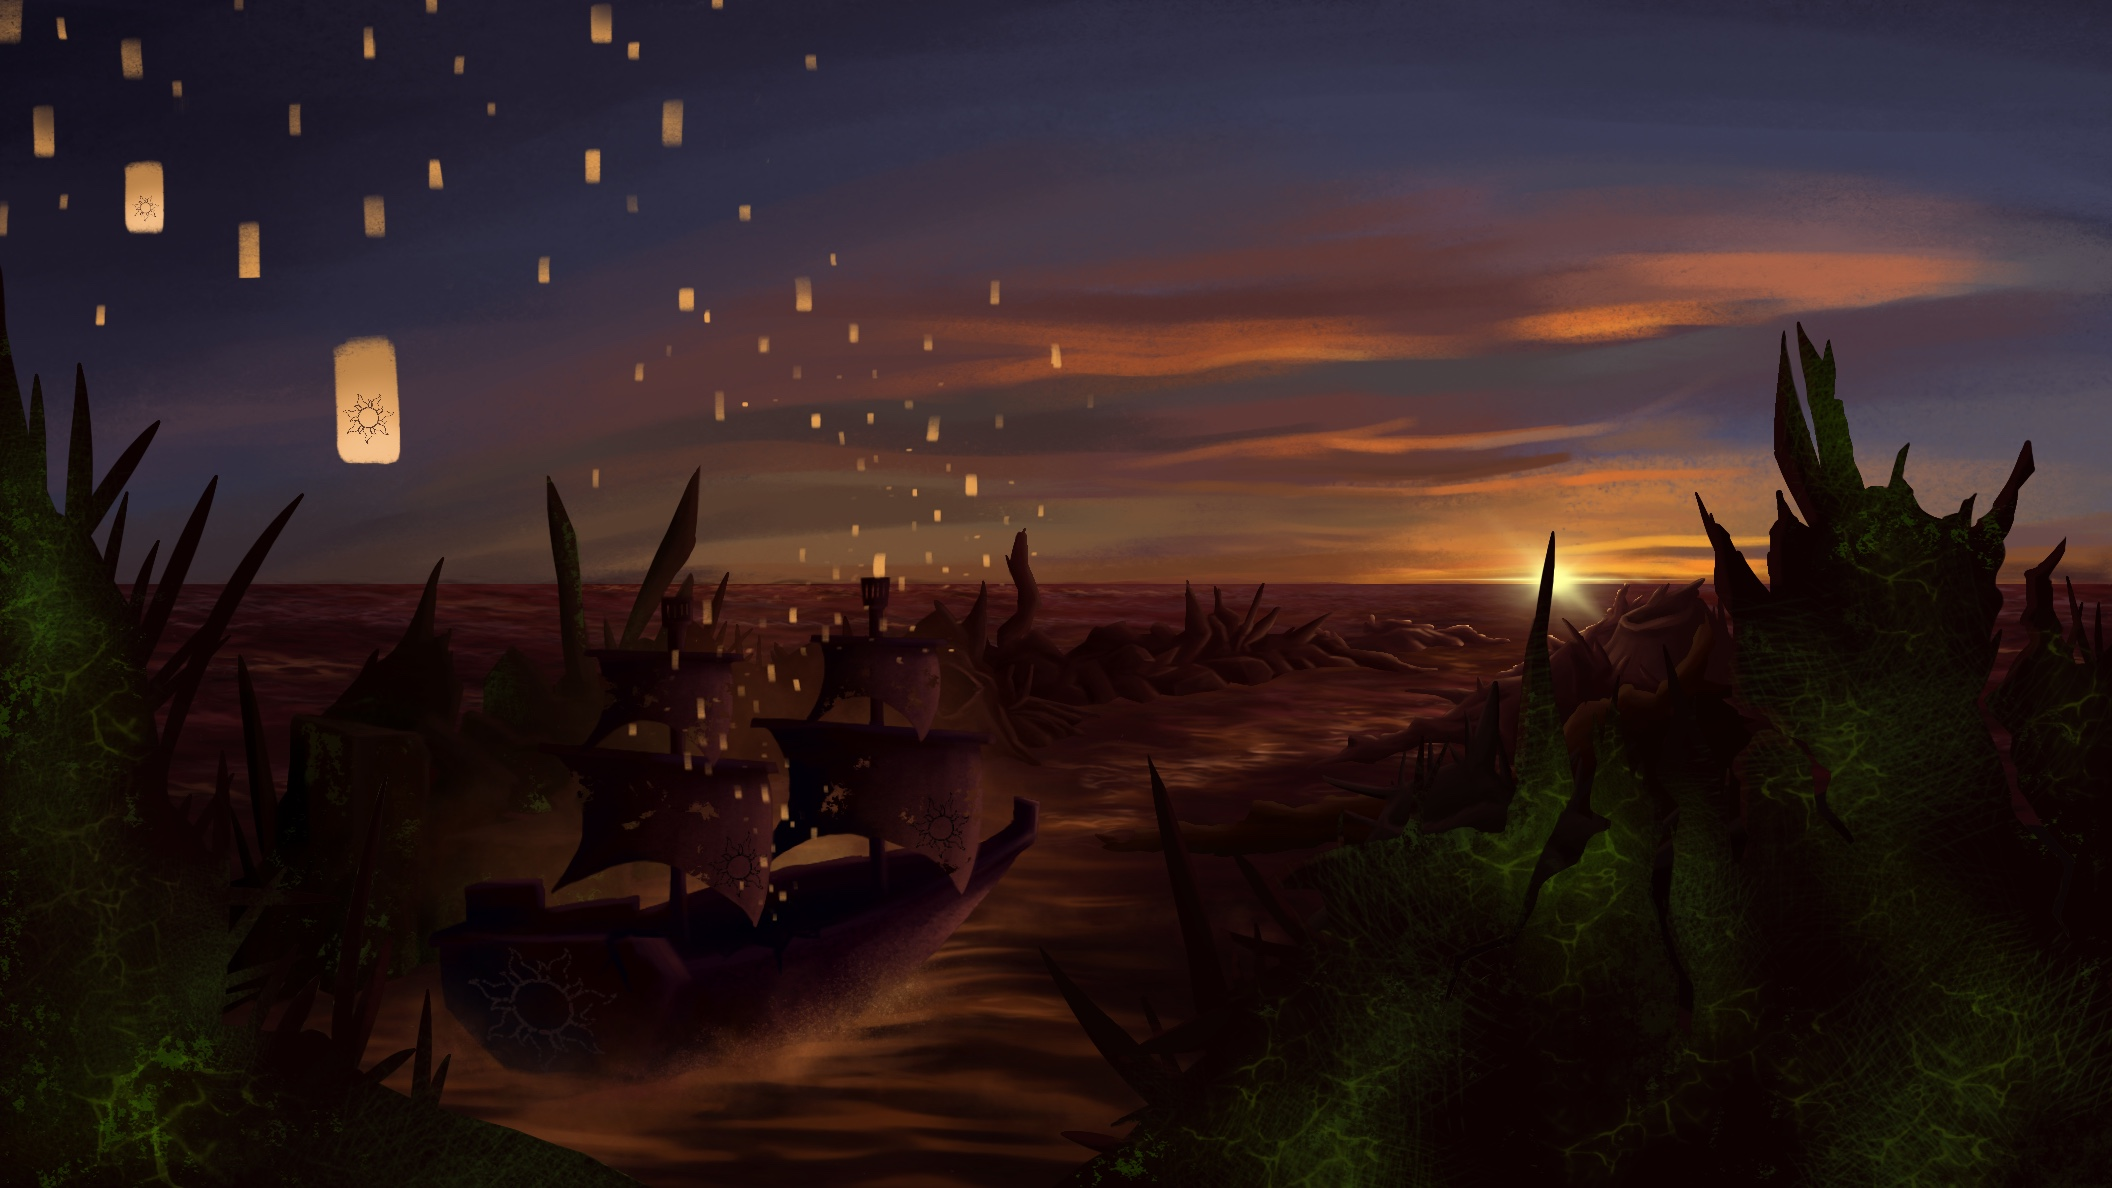 Rapunzel: Victorious Departure